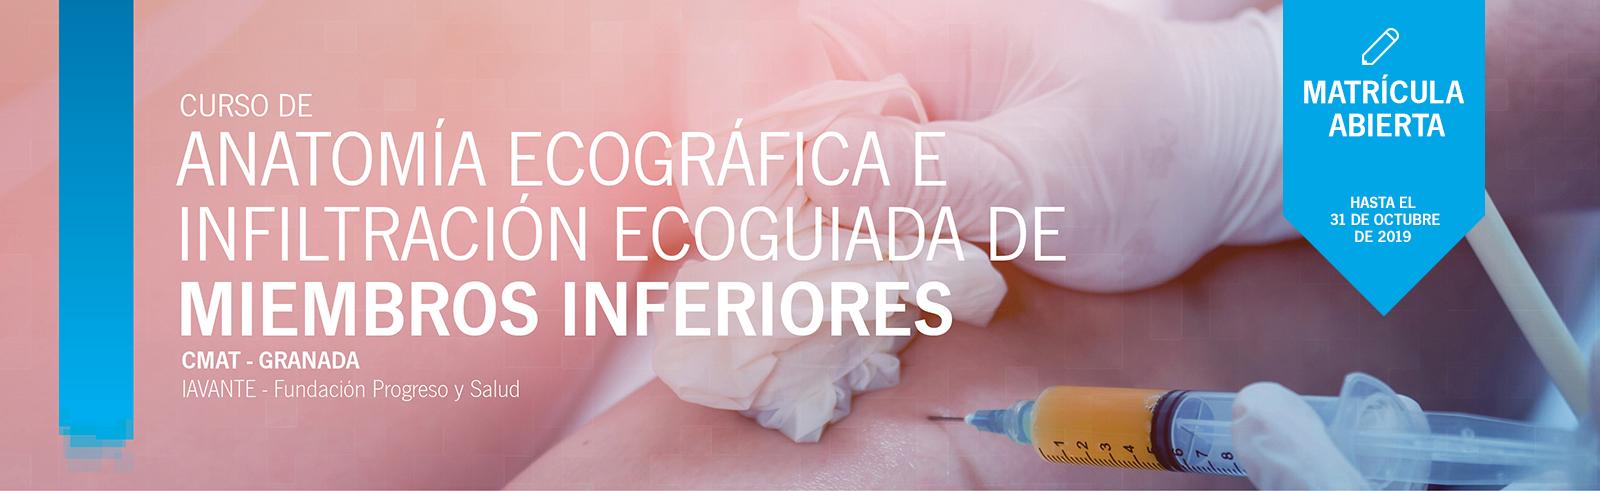 CURSO DE ANATOMÍA ECOGRÁFICA E INFILTRACIÓN ECOGUIADA DE MIEMBROS INFERIORES